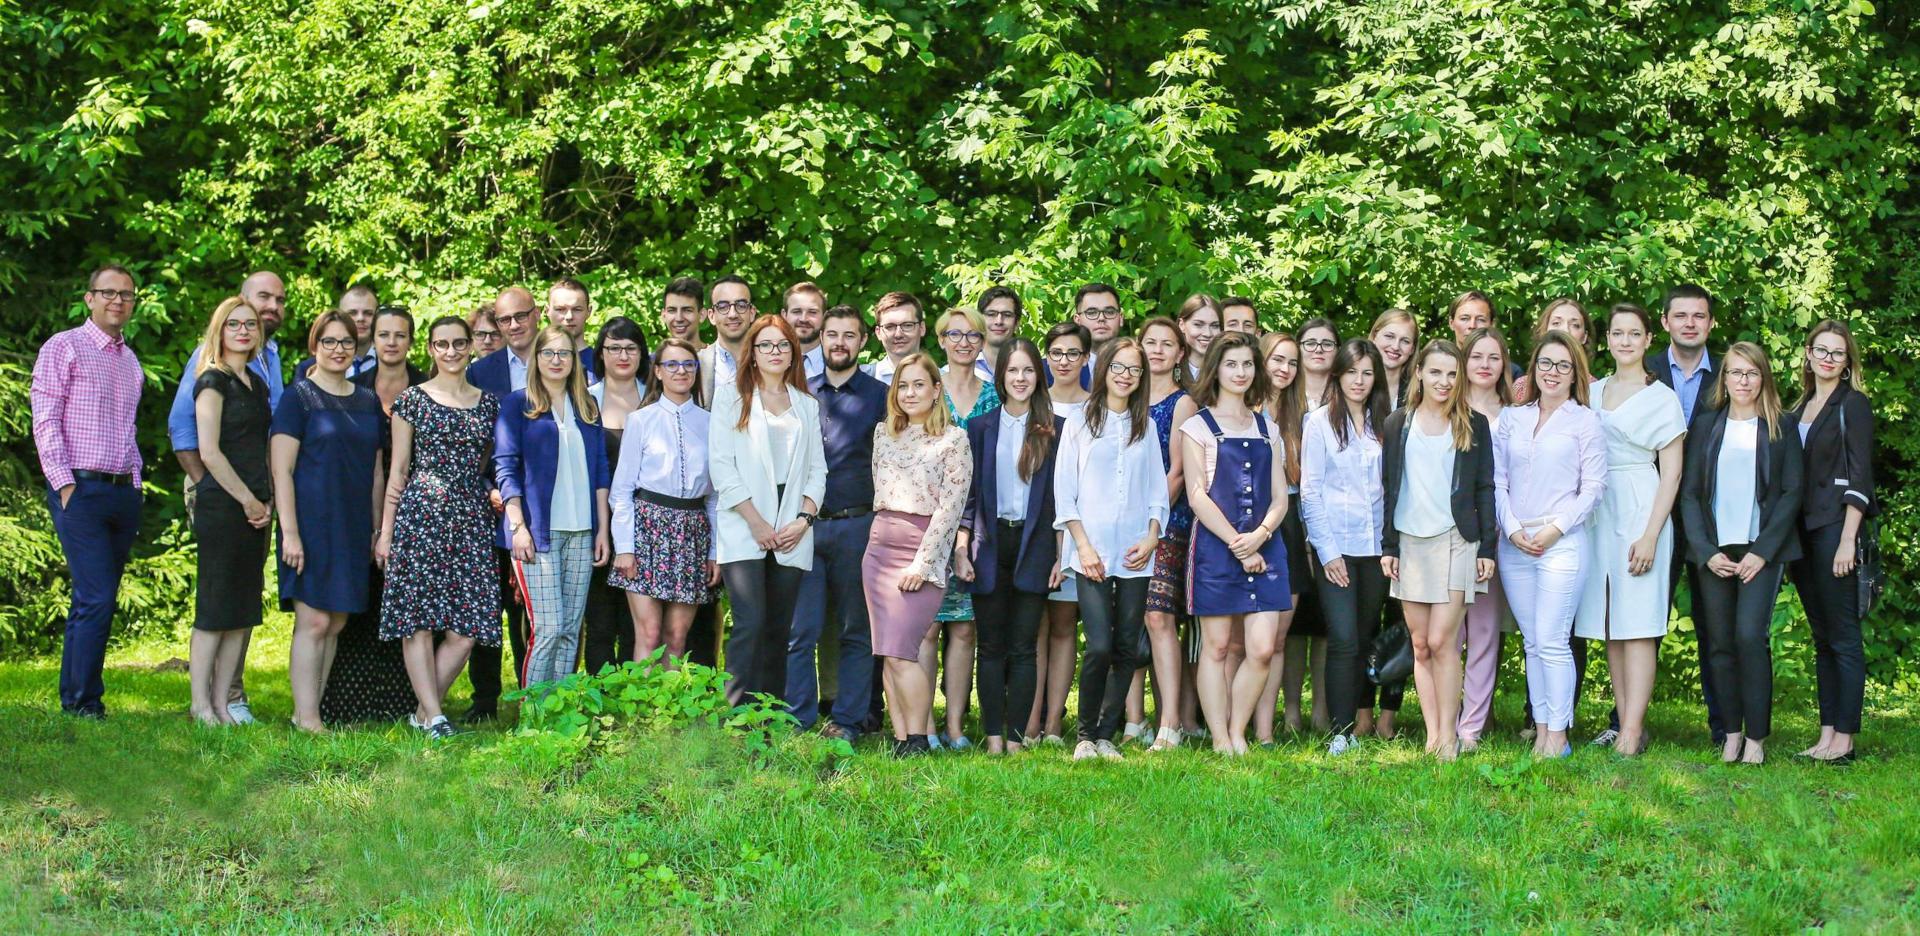 Zdjęcie grupowe uczestników TopMinds